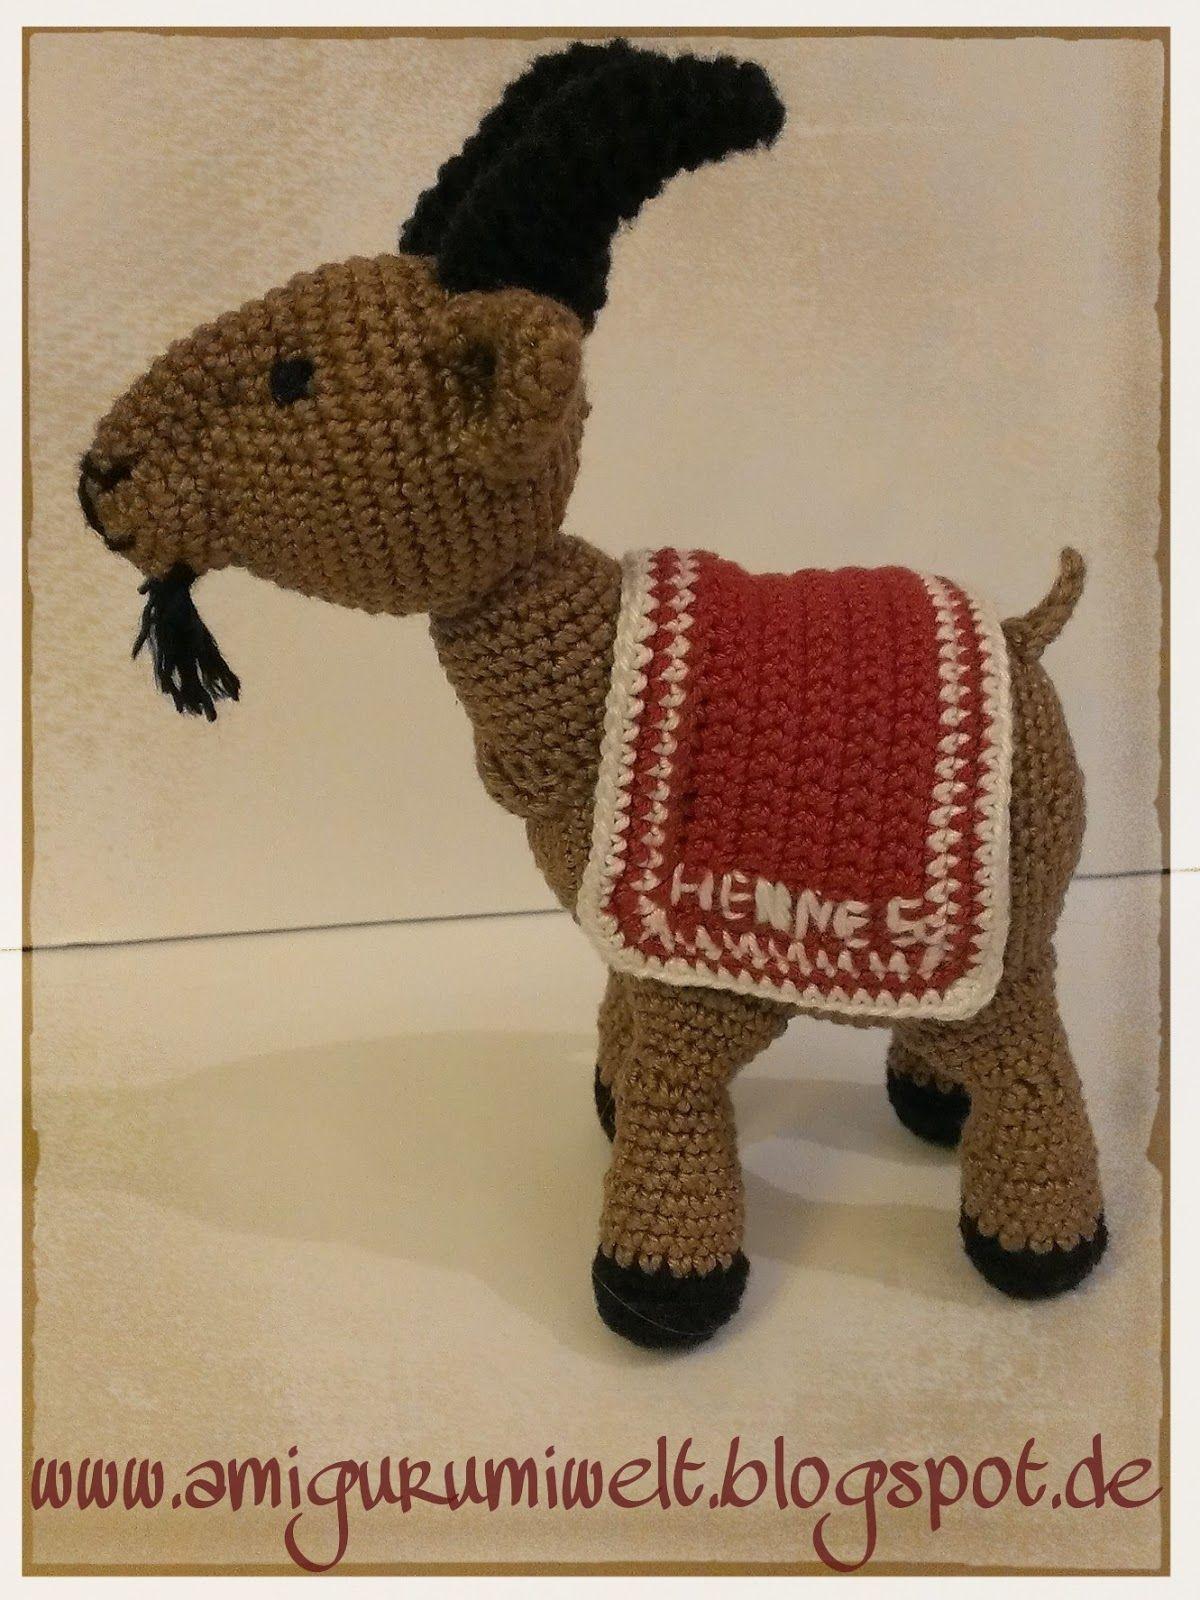 amigurumi geißbock hennes köln kostenlos crochet | häkelzeug ...